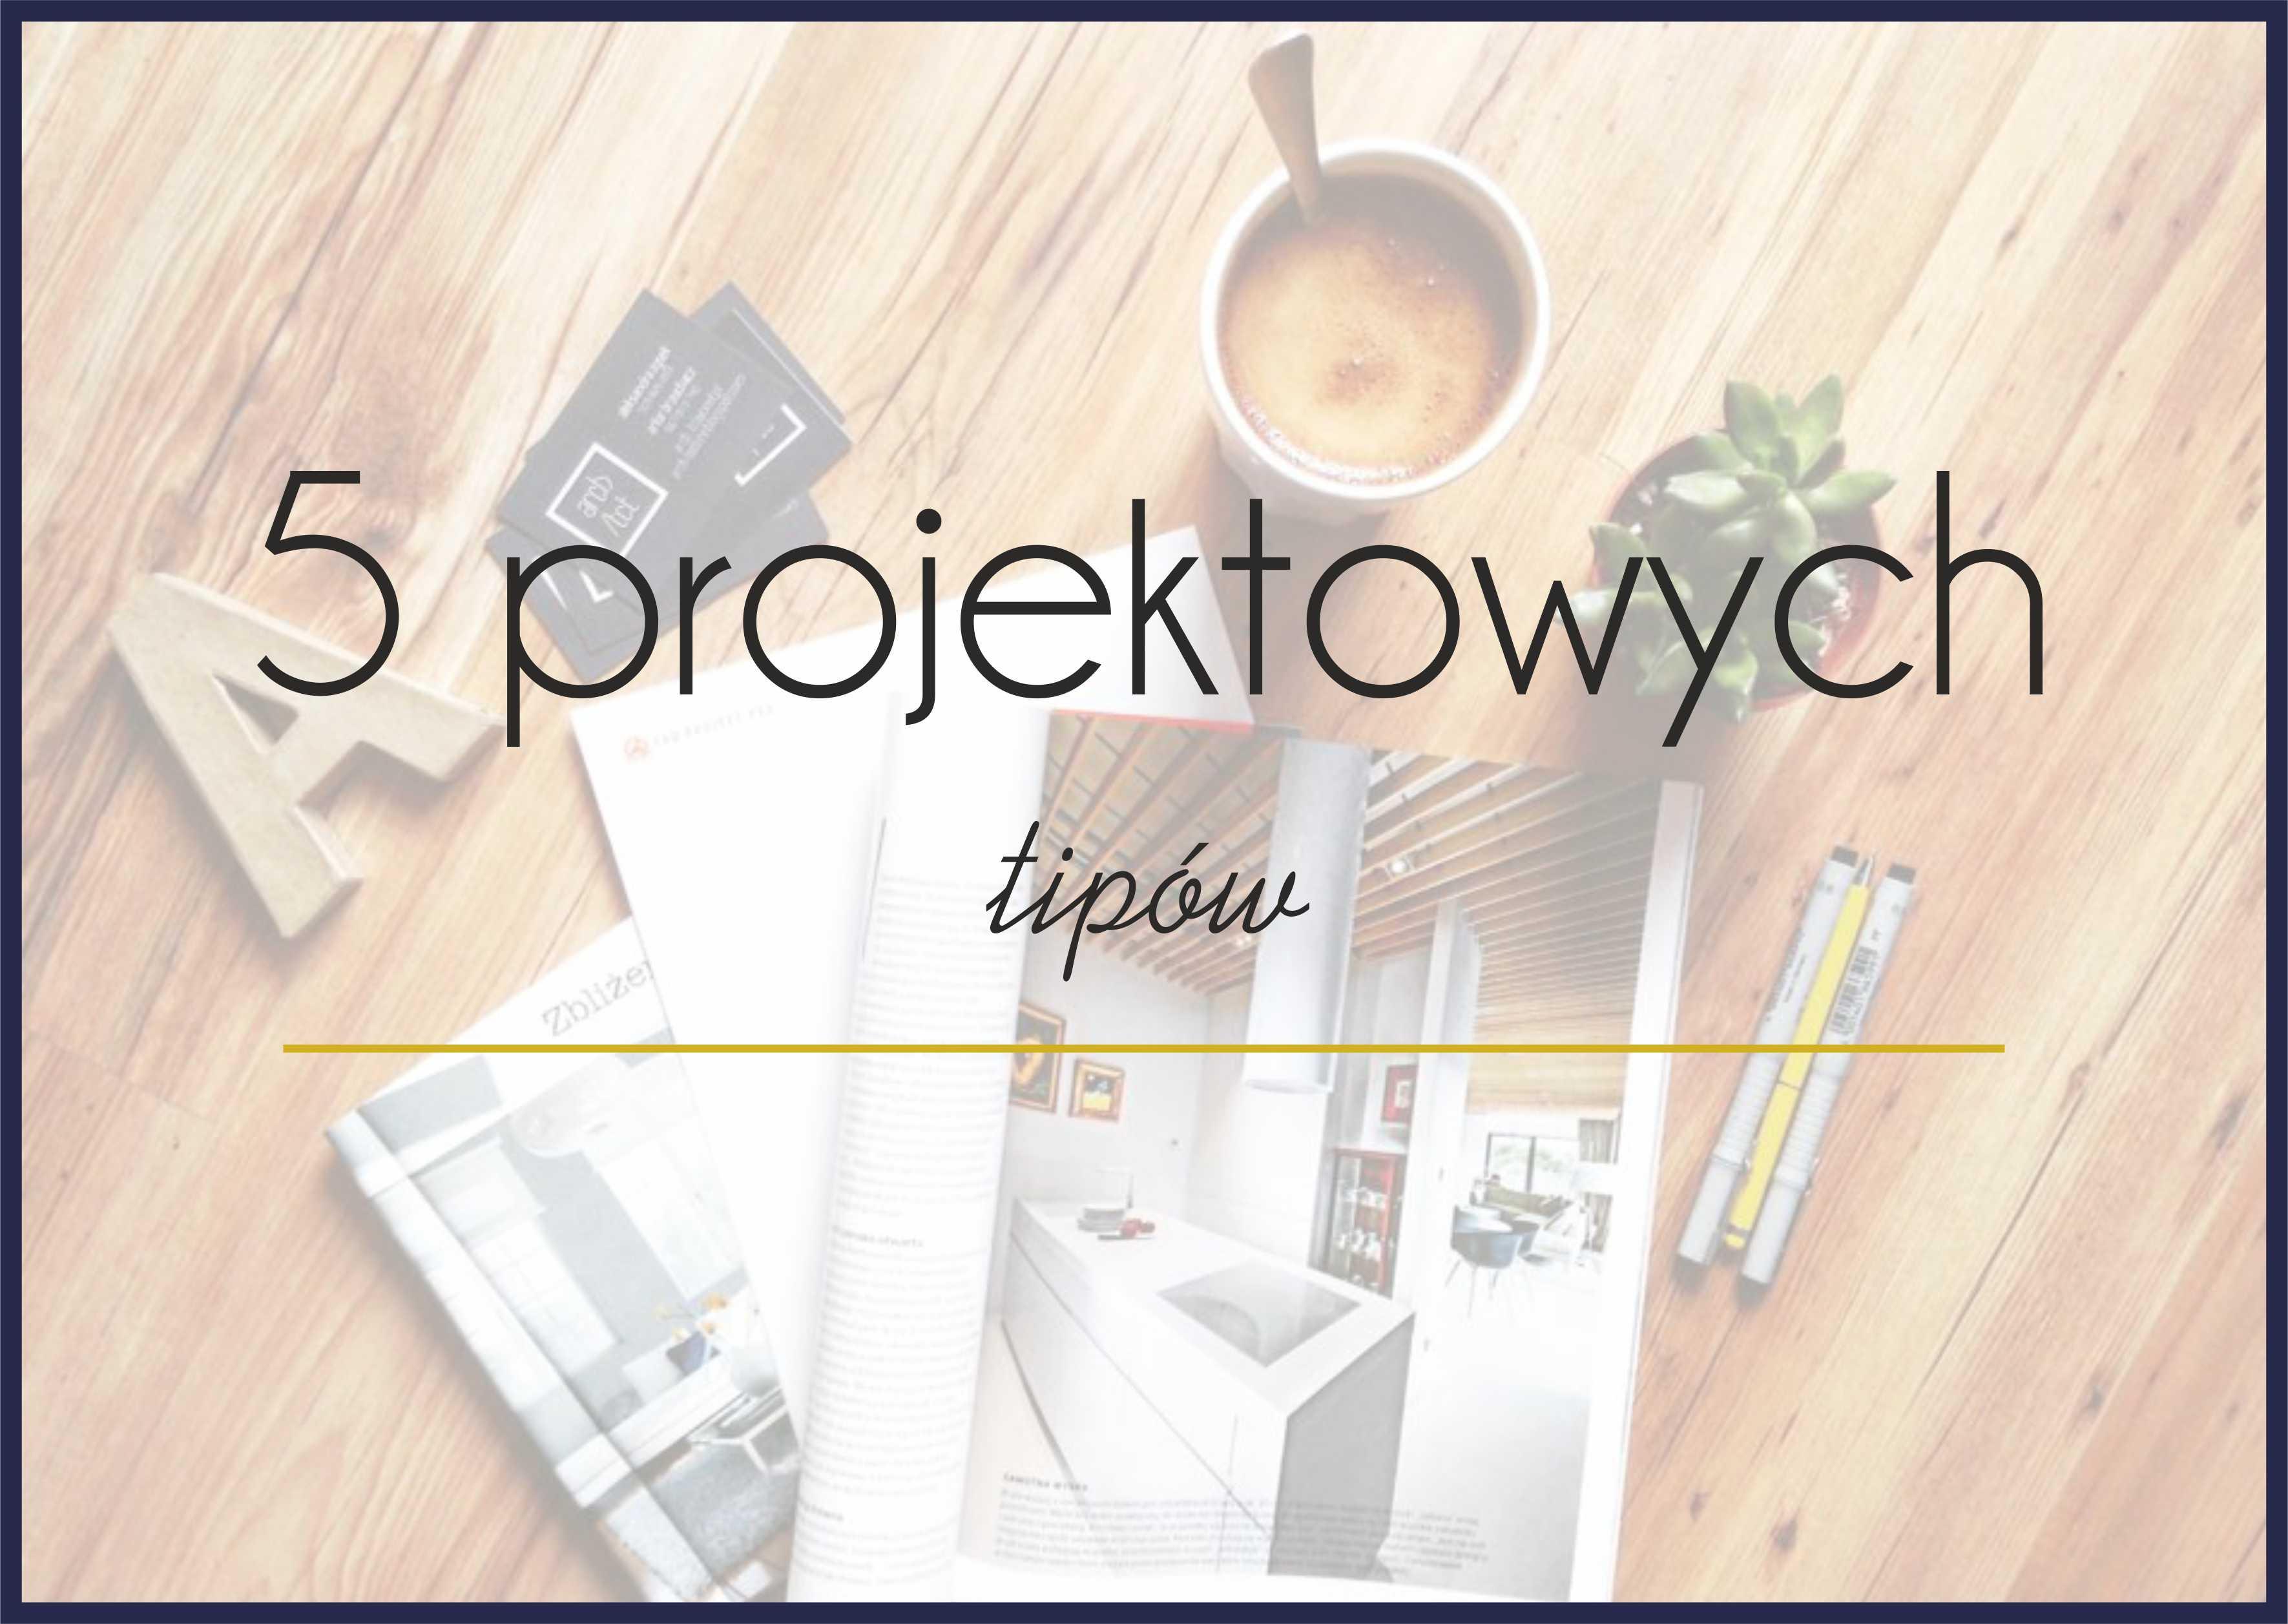 5 projektowych tipów